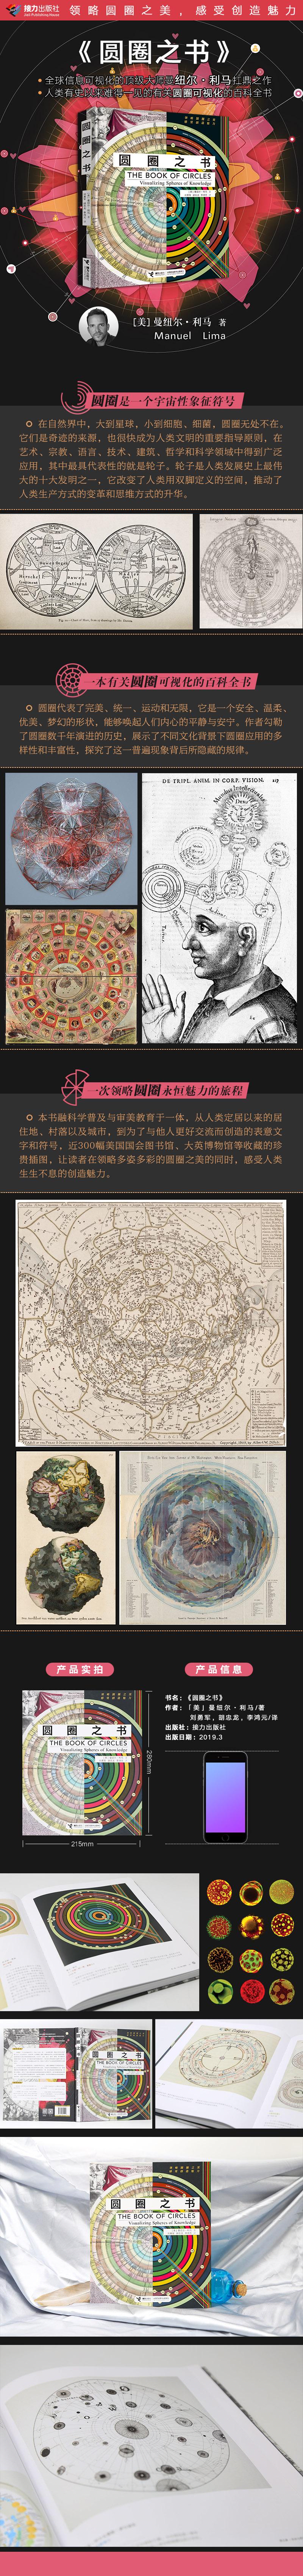 圓圈之書插圖.jpg